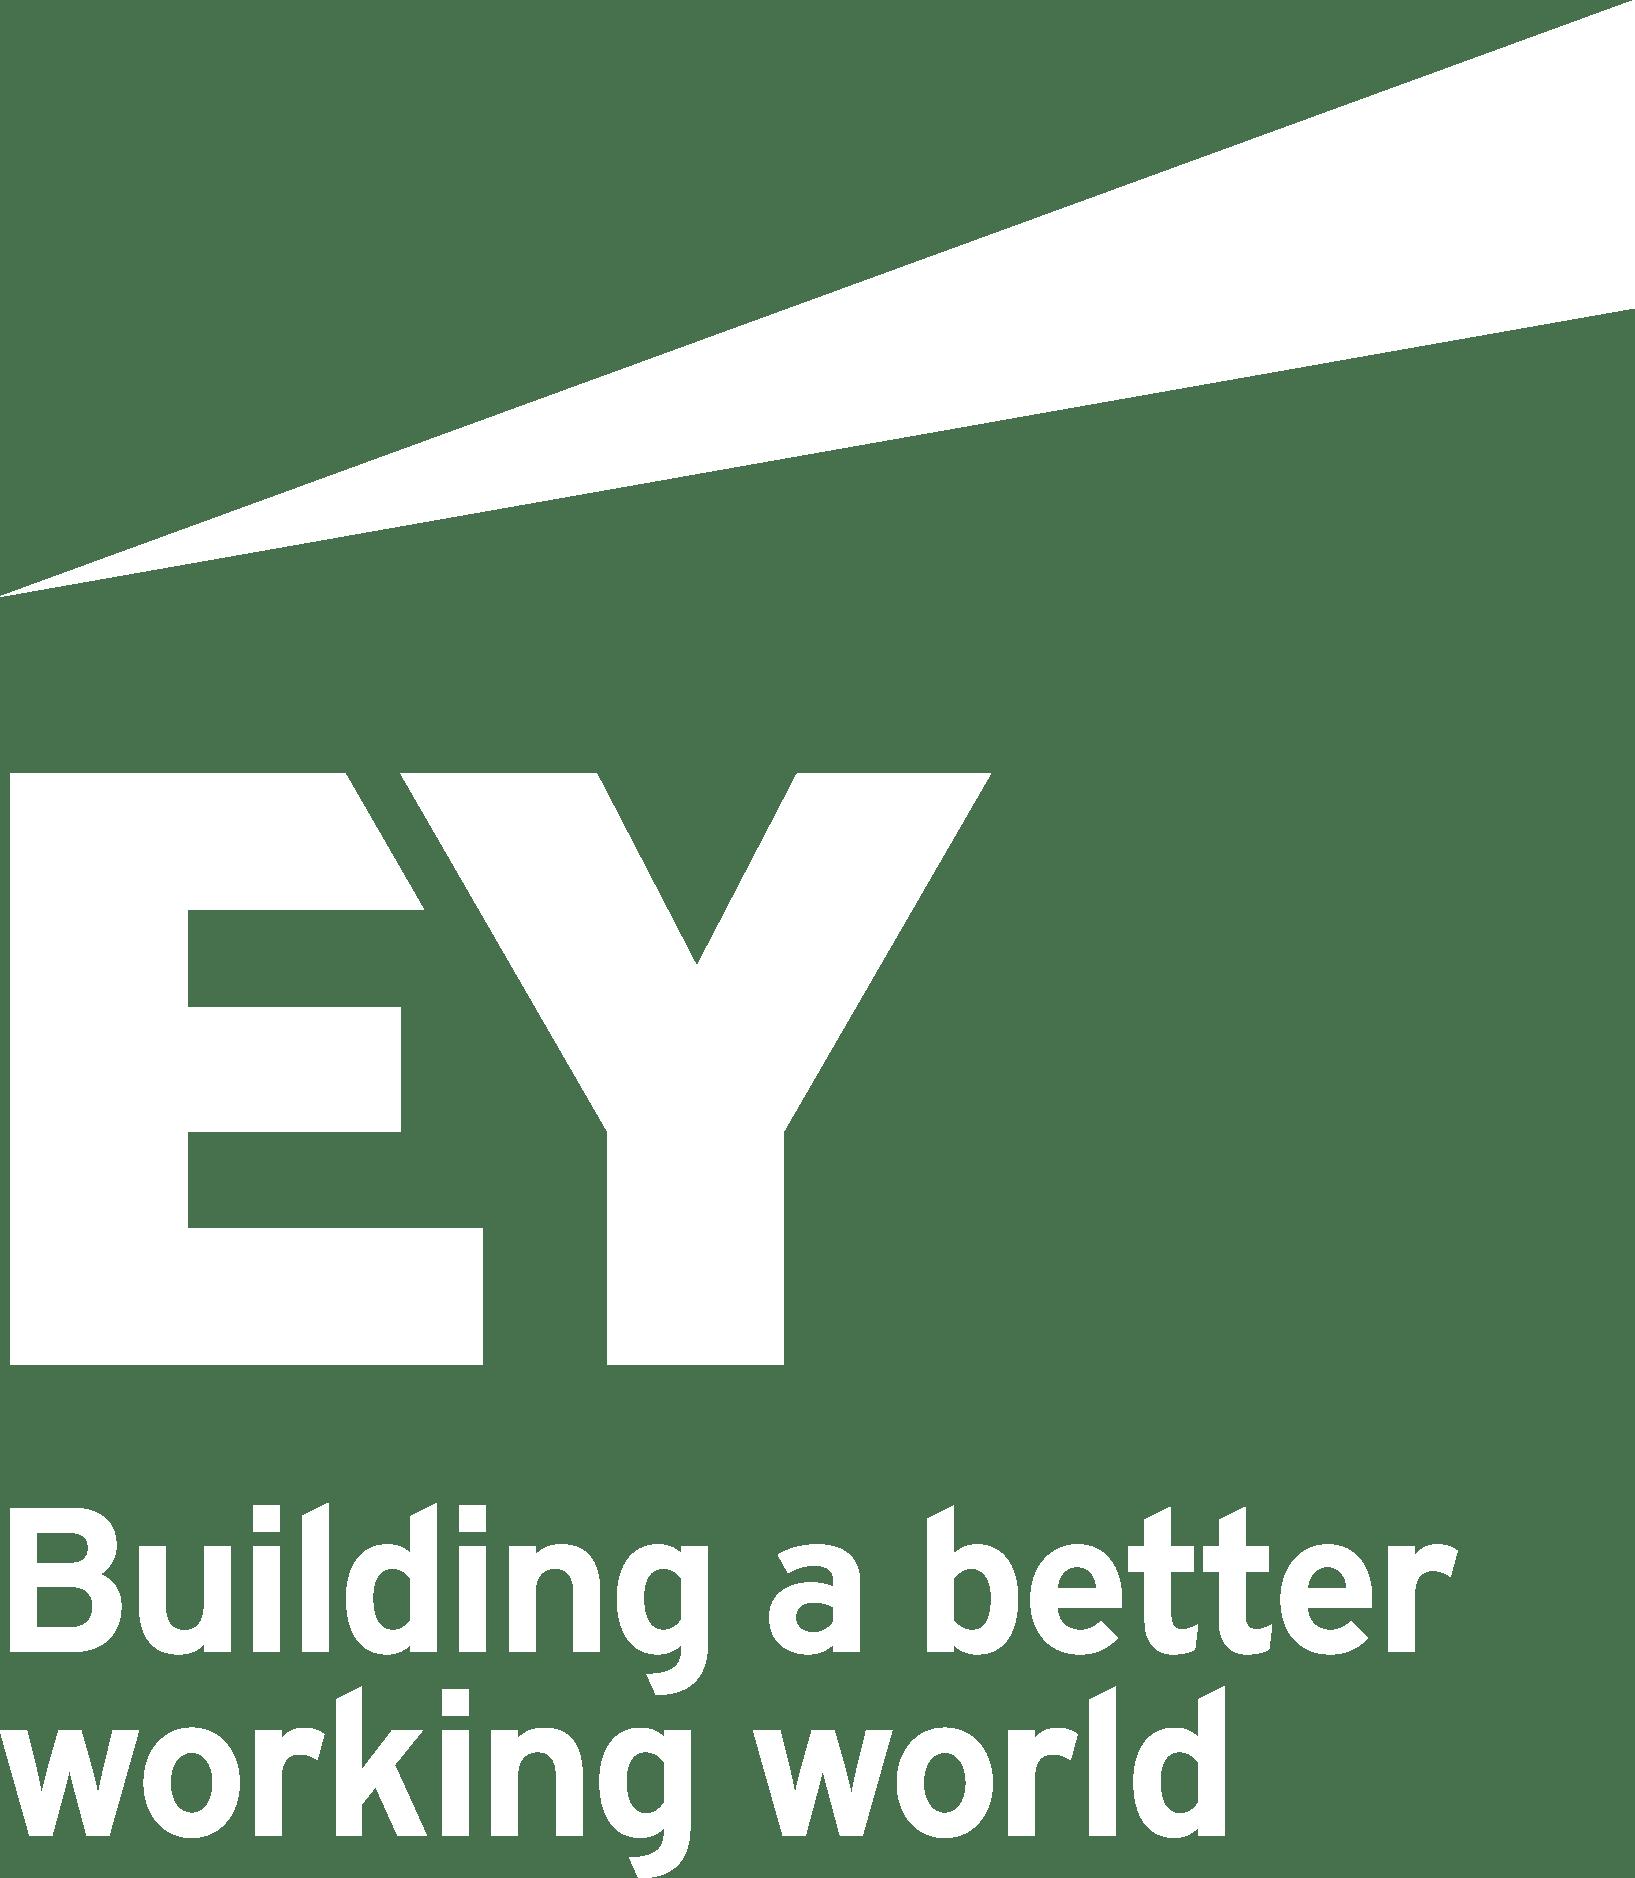 Ey logo white bd0b73.png?ixlib=rb 1.1